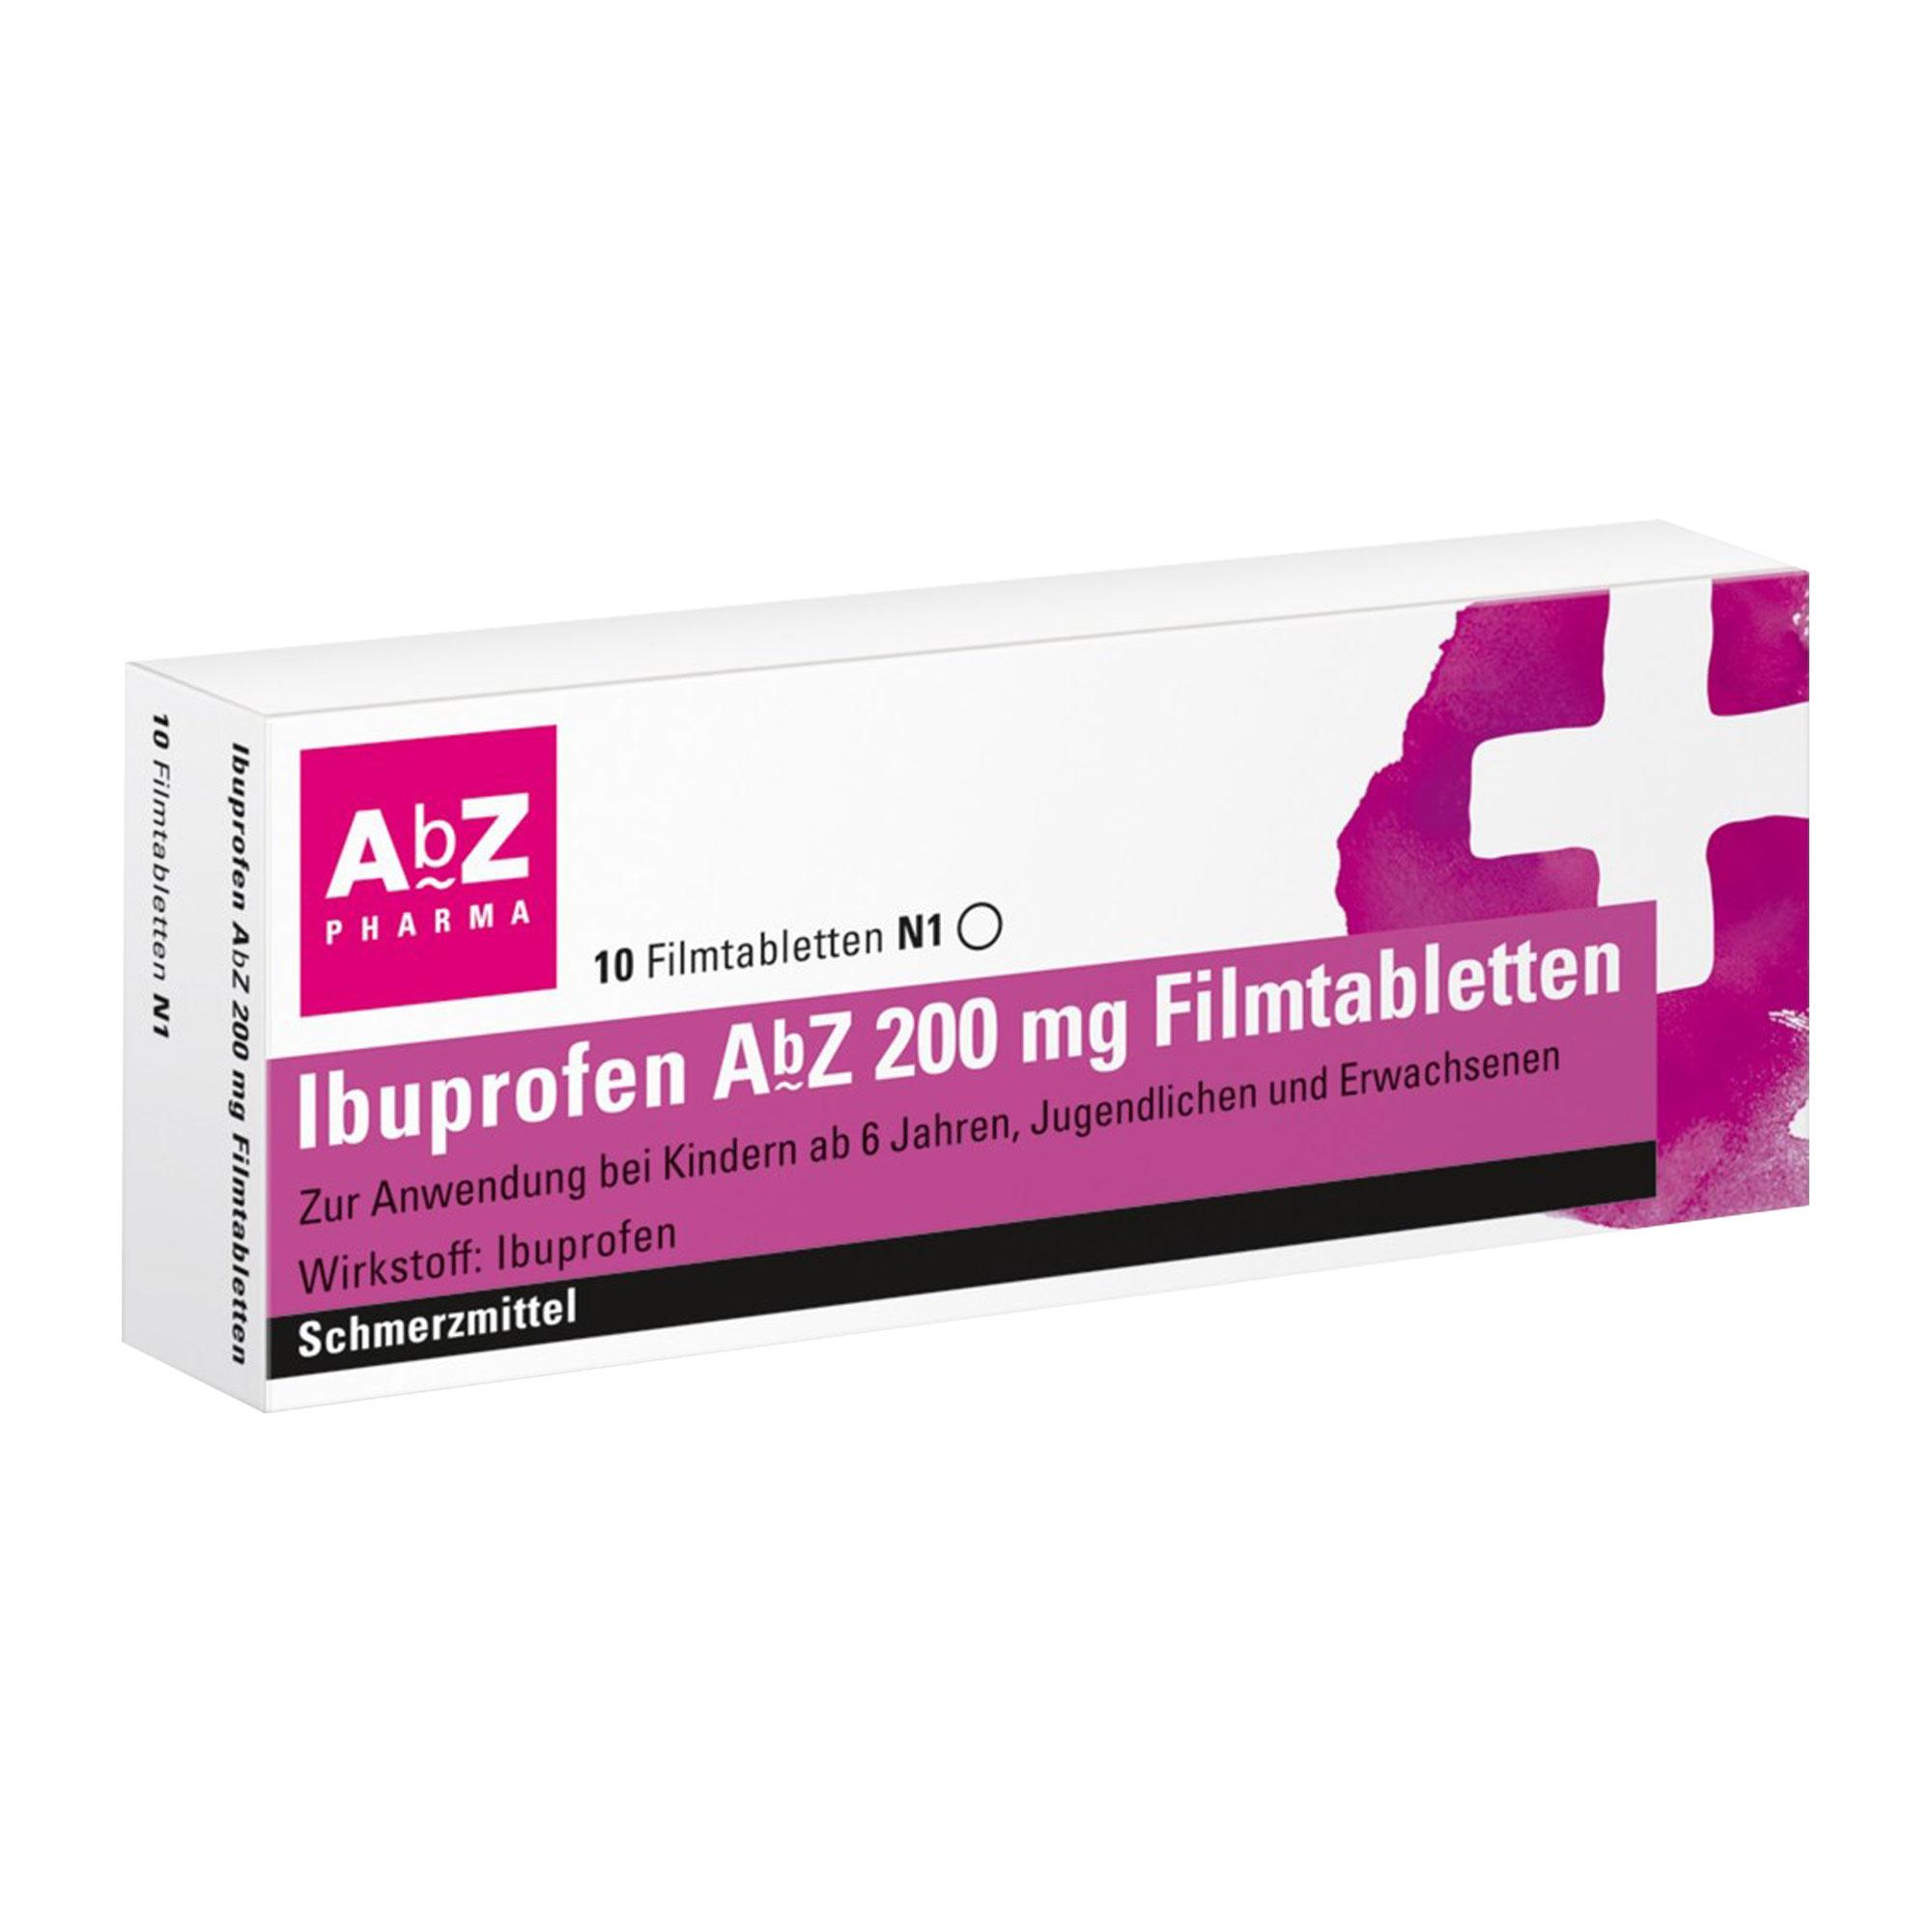 Ibuprofen AbZ 200 mg